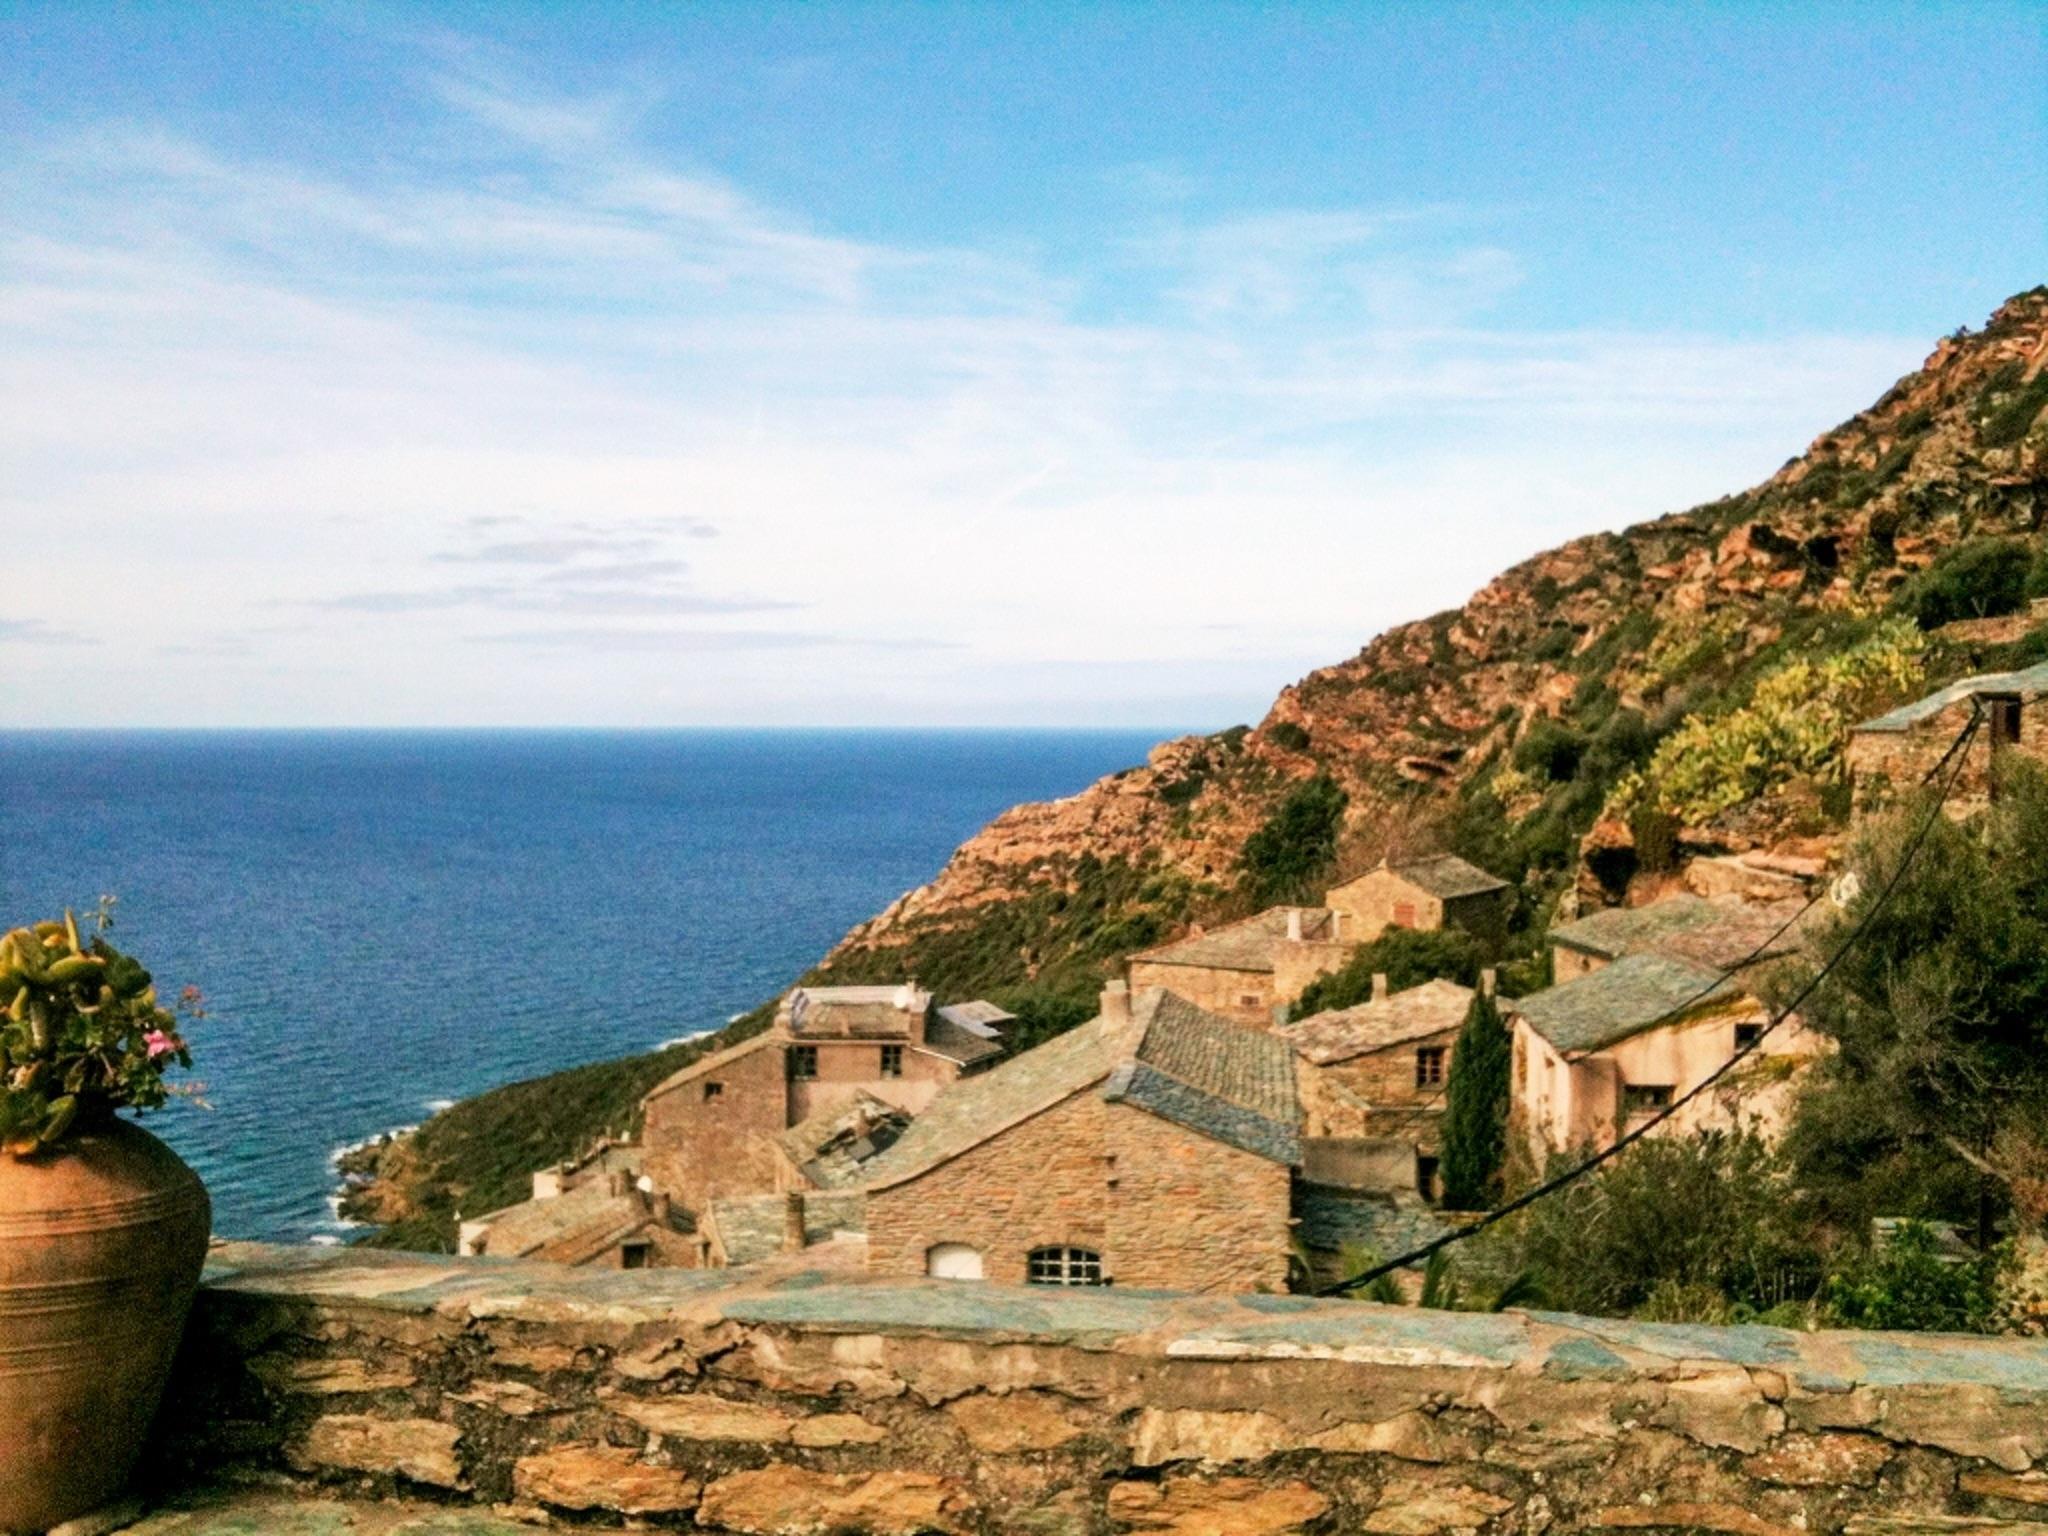 Maison de vacances Herrliches Haus mit neun Schlafzimmern und grandiosem Blick aufs Meer im hübschen Dörfchen (2202571), Centuri, Haute-Corse, Corse, France, image 6